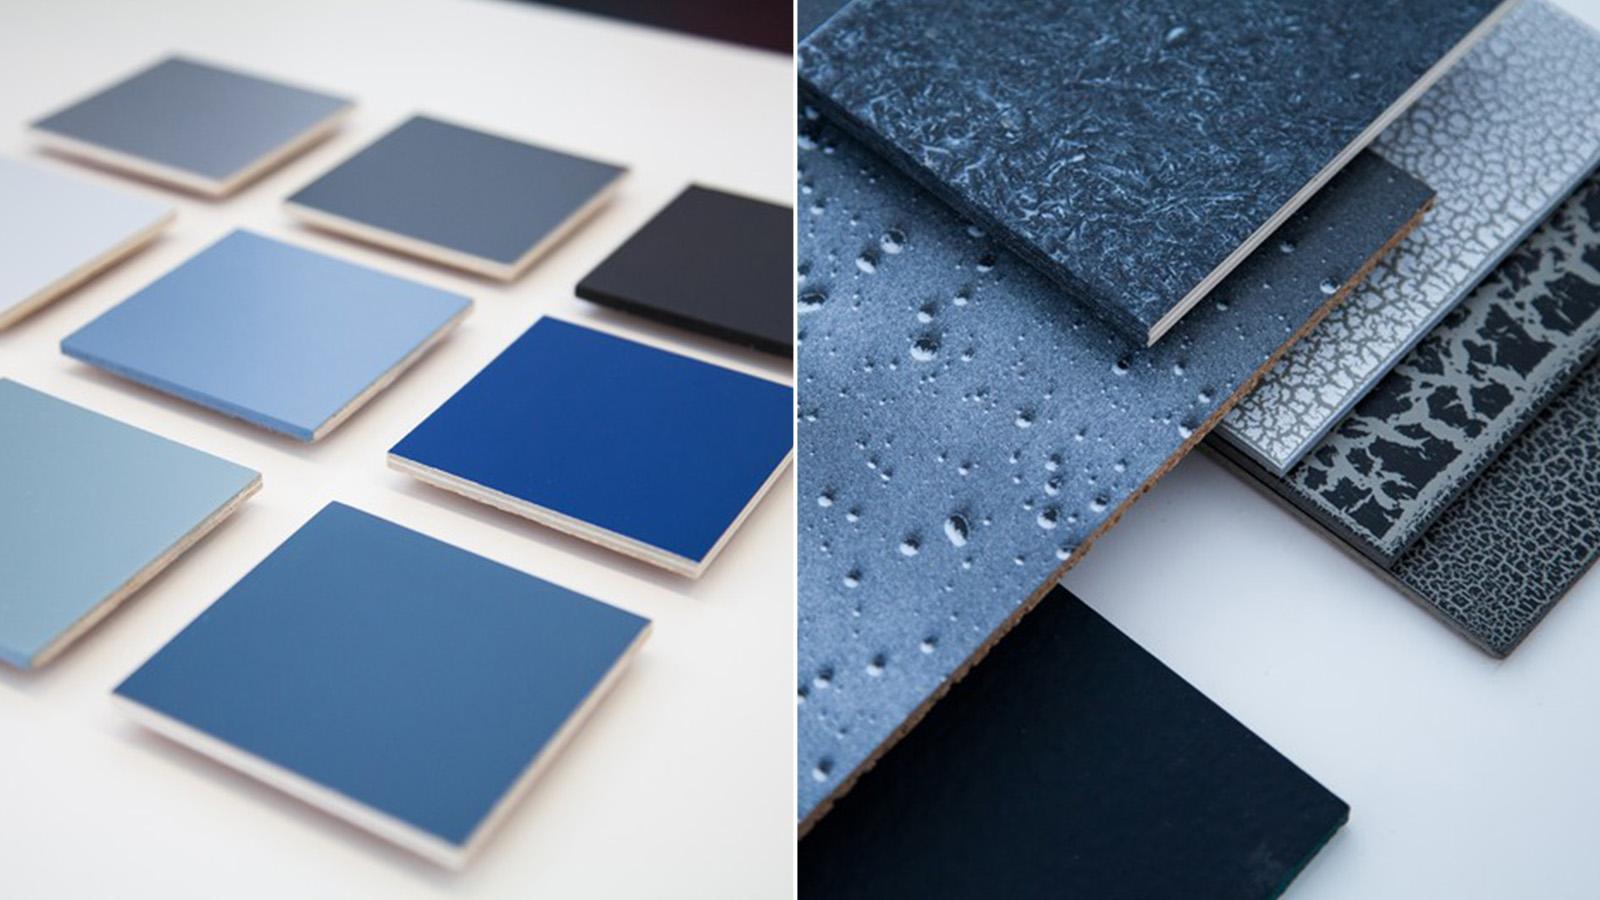 consulenza-e-ricerca-colore-materiali-finiture-bigliotti-vernici-blu